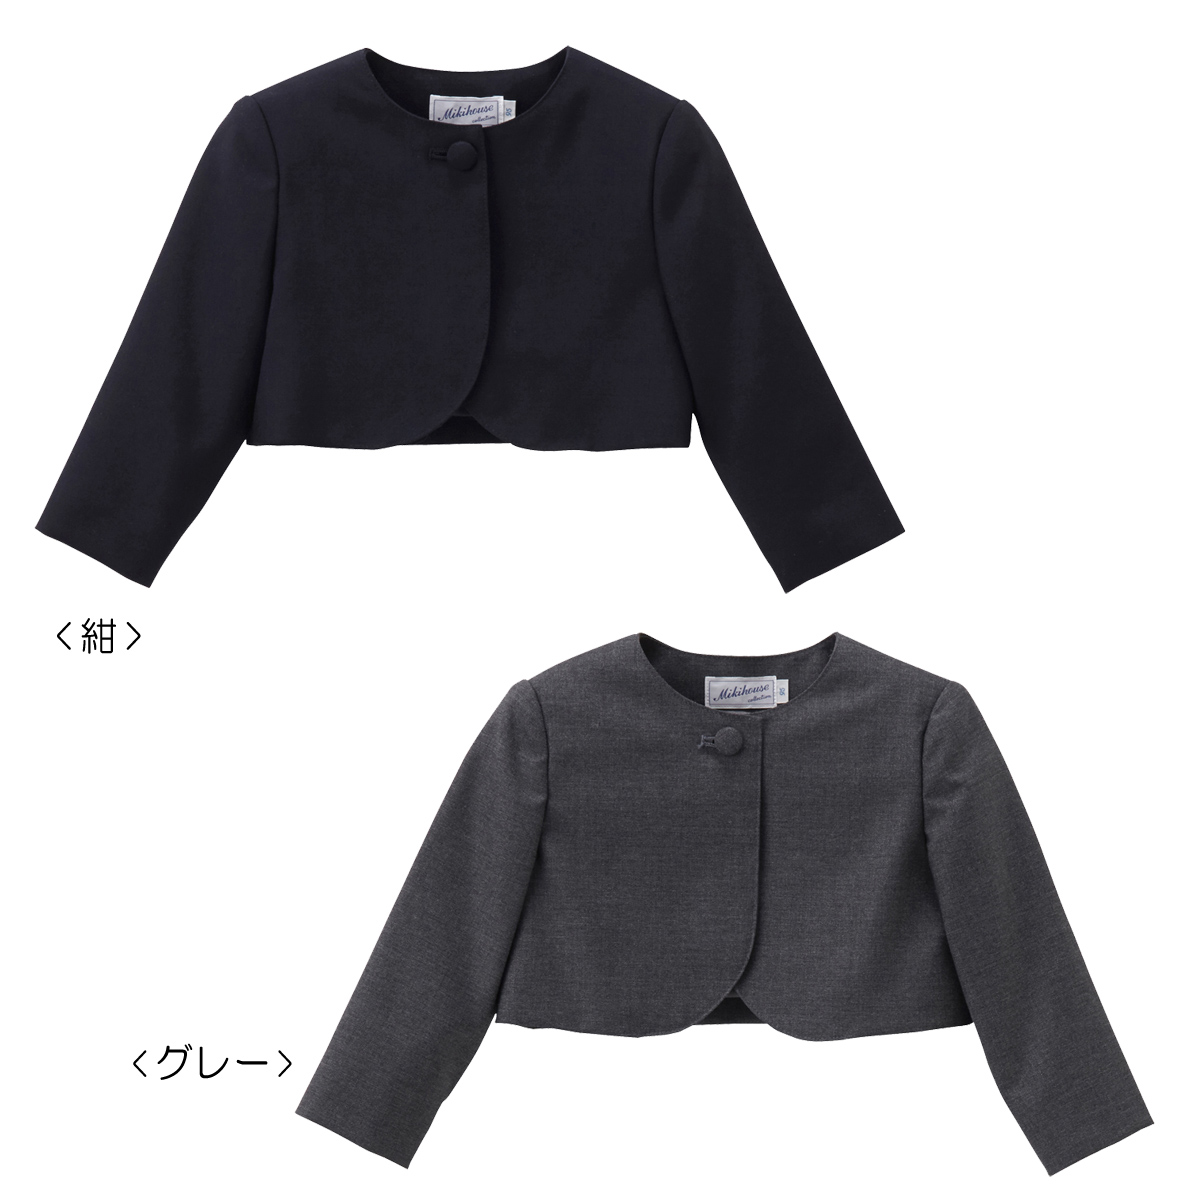 ミキハウス mikihouse 【面接】ウール素材のボレロ(120cm・130cm)